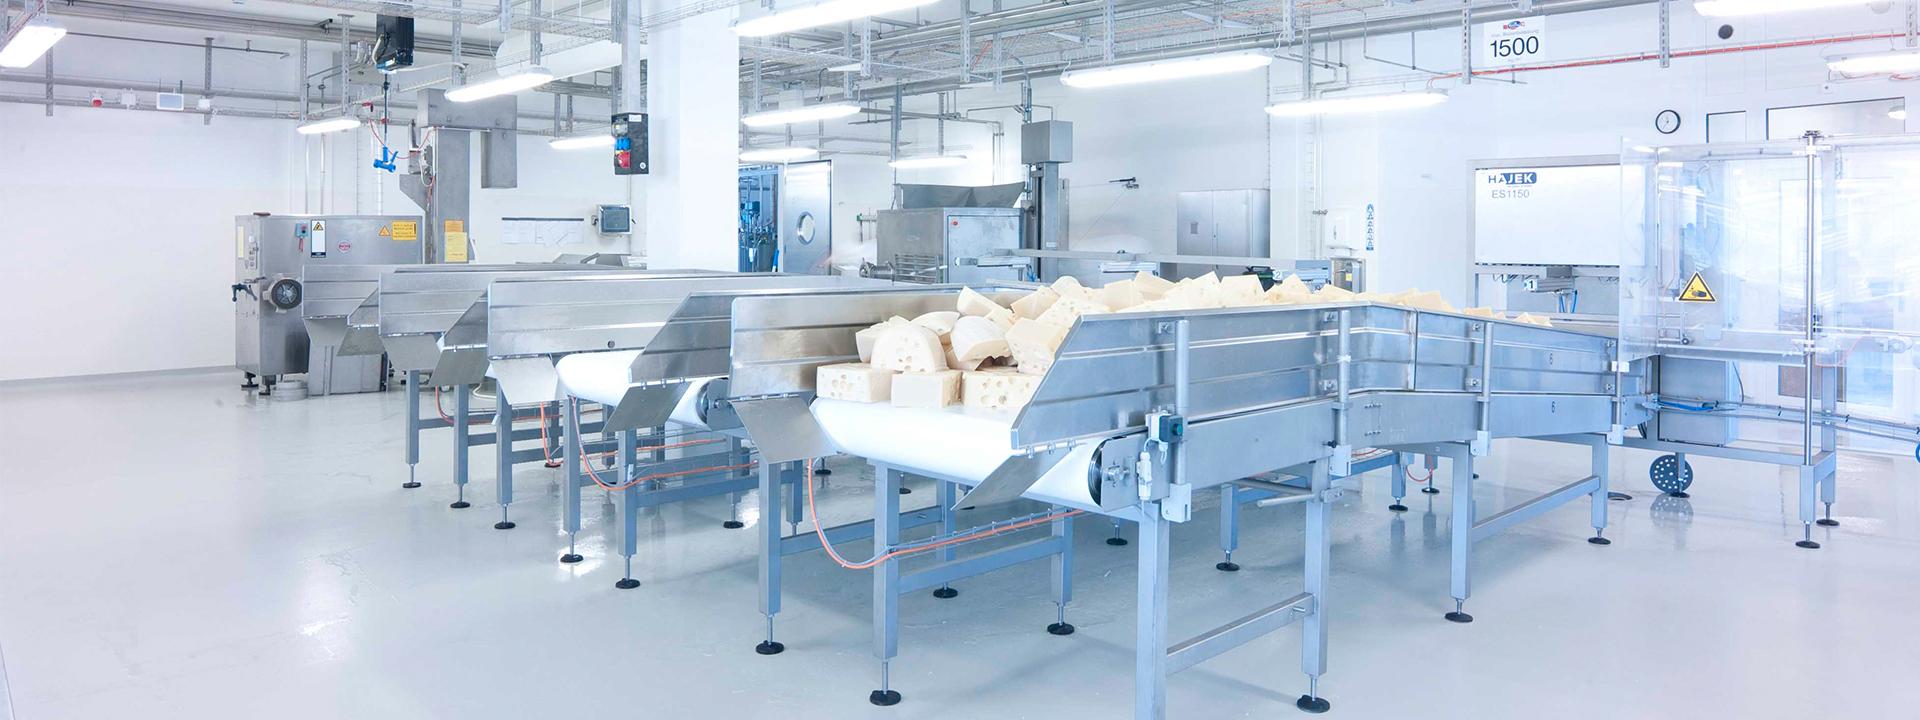 Header Projekt Food Emmi Produktionsstandort mit Hygiene- und Materialflusskonzept